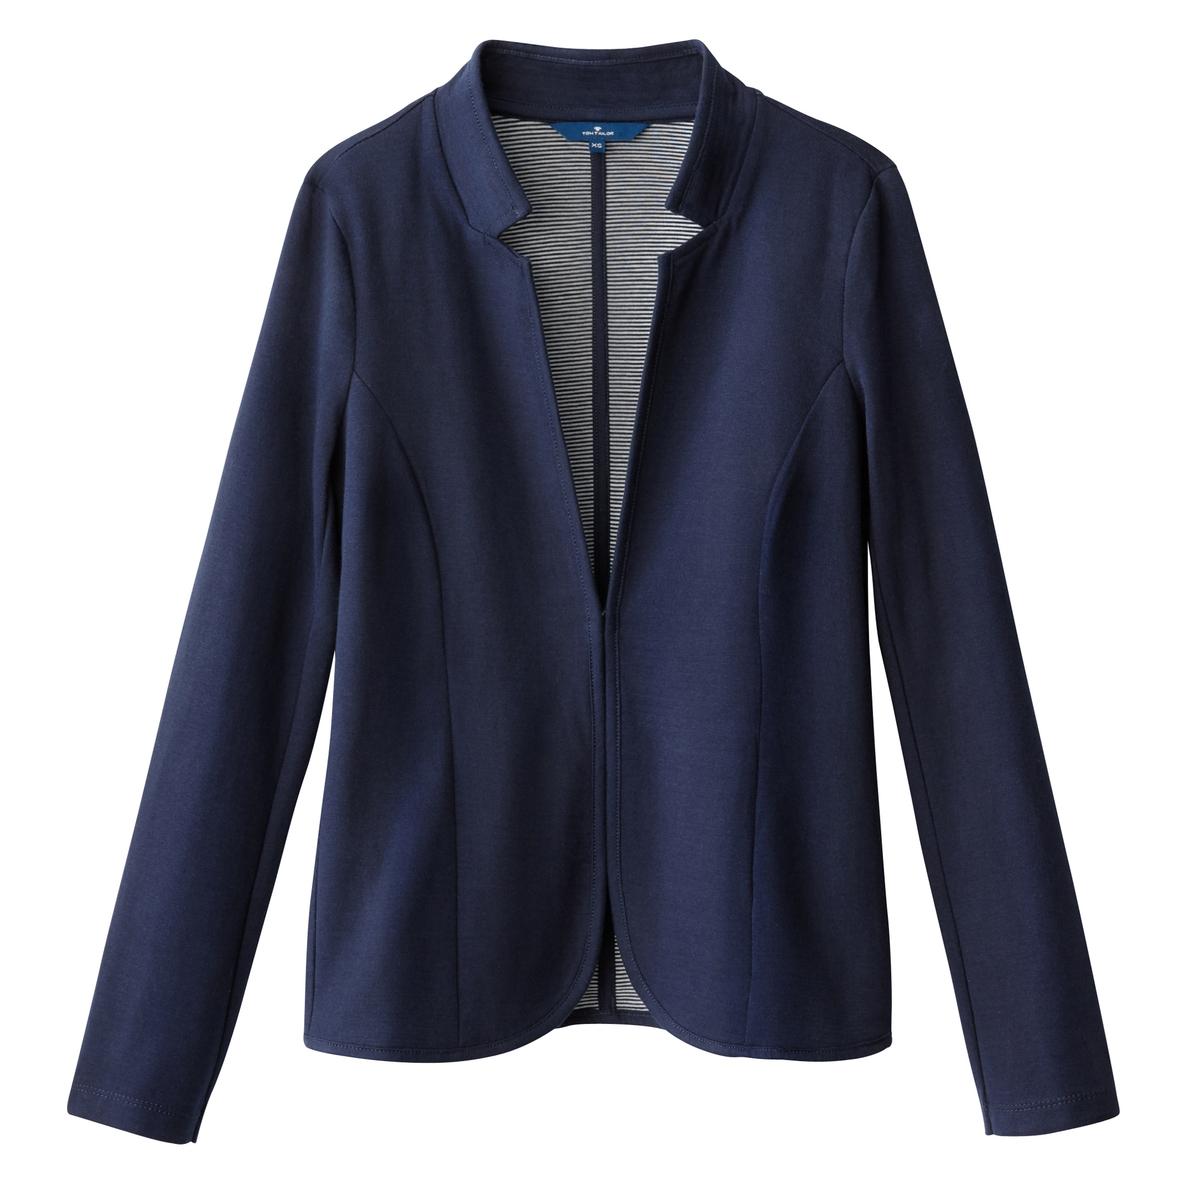 Куртка-блейзер приталеннаяОписание:Детали •  Блейзер •  Приталенный покрой •  Без воротникаСостав и уход •  80% хлопка, 20% полиамида •  Следуйте советам по уходу, указанным на этикетке<br><br>Цвет: темно-синий<br>Размер: XL